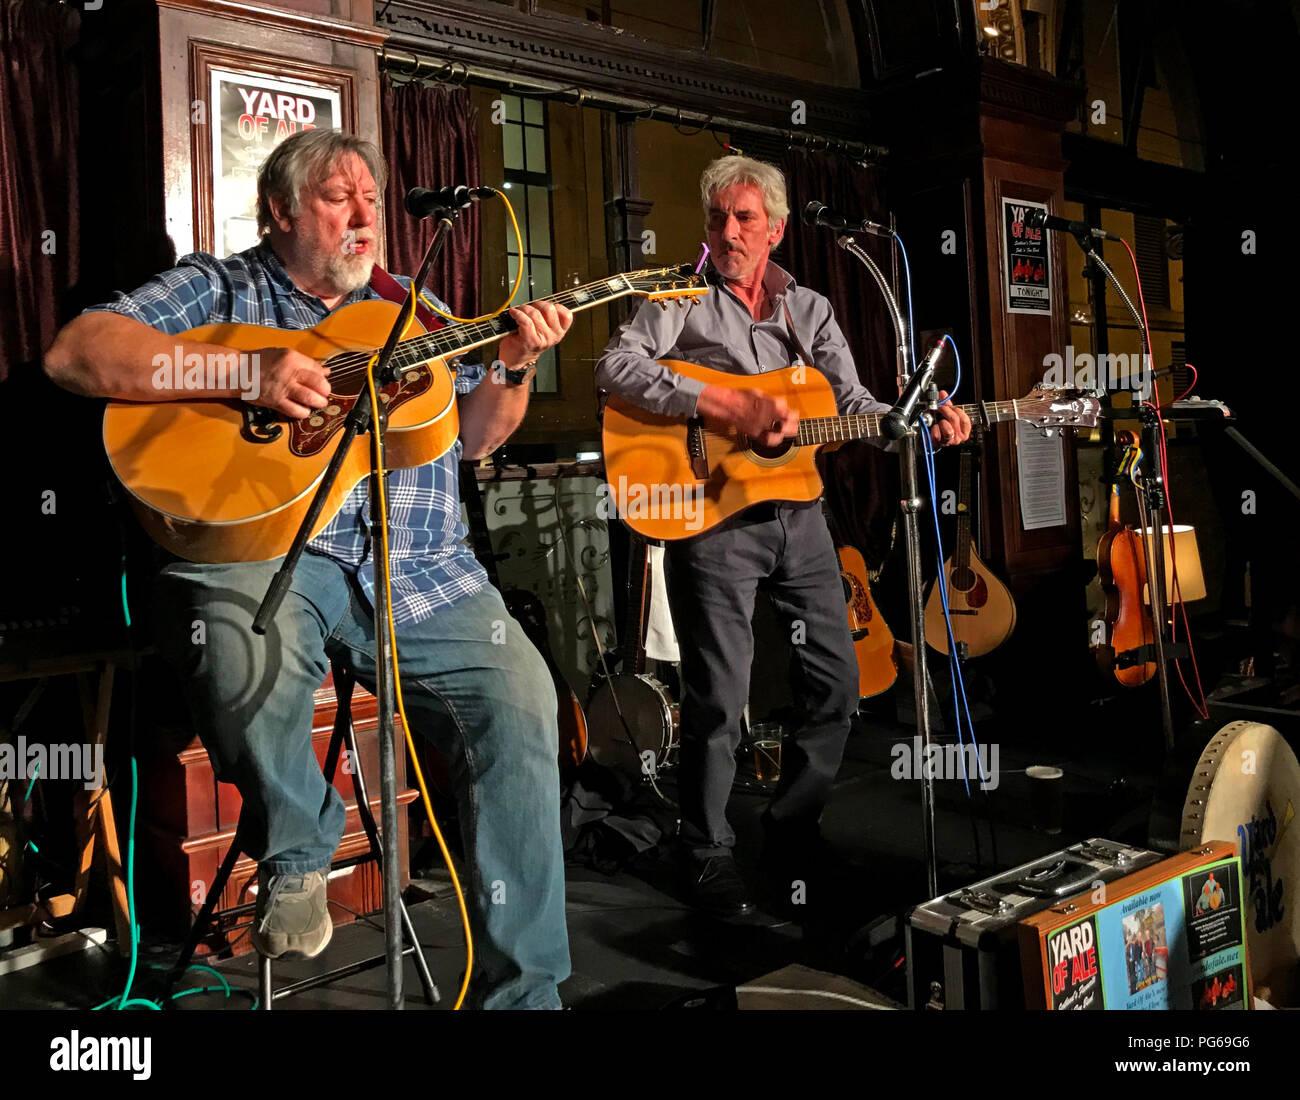 Laden Sie dieses Alamy Stockfoto Yard von Ale, Folk & Blues Band und spielen live auf der Guildford Arms, West registrieren, das Stadtzentrum von Edinburgh, Schottland, Großbritannien - PG69G6